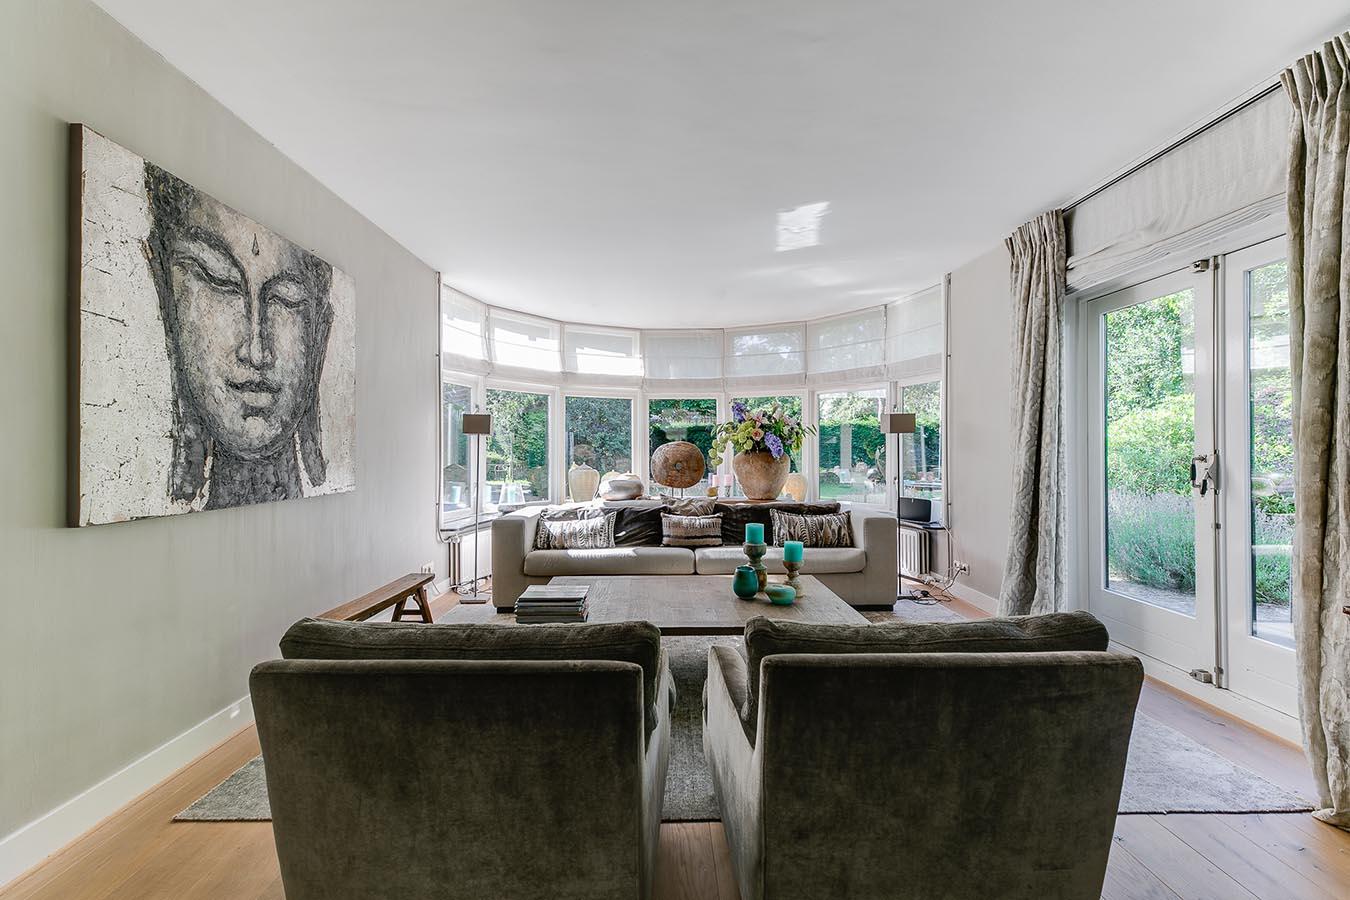 grootse woonkamer met ronde pui